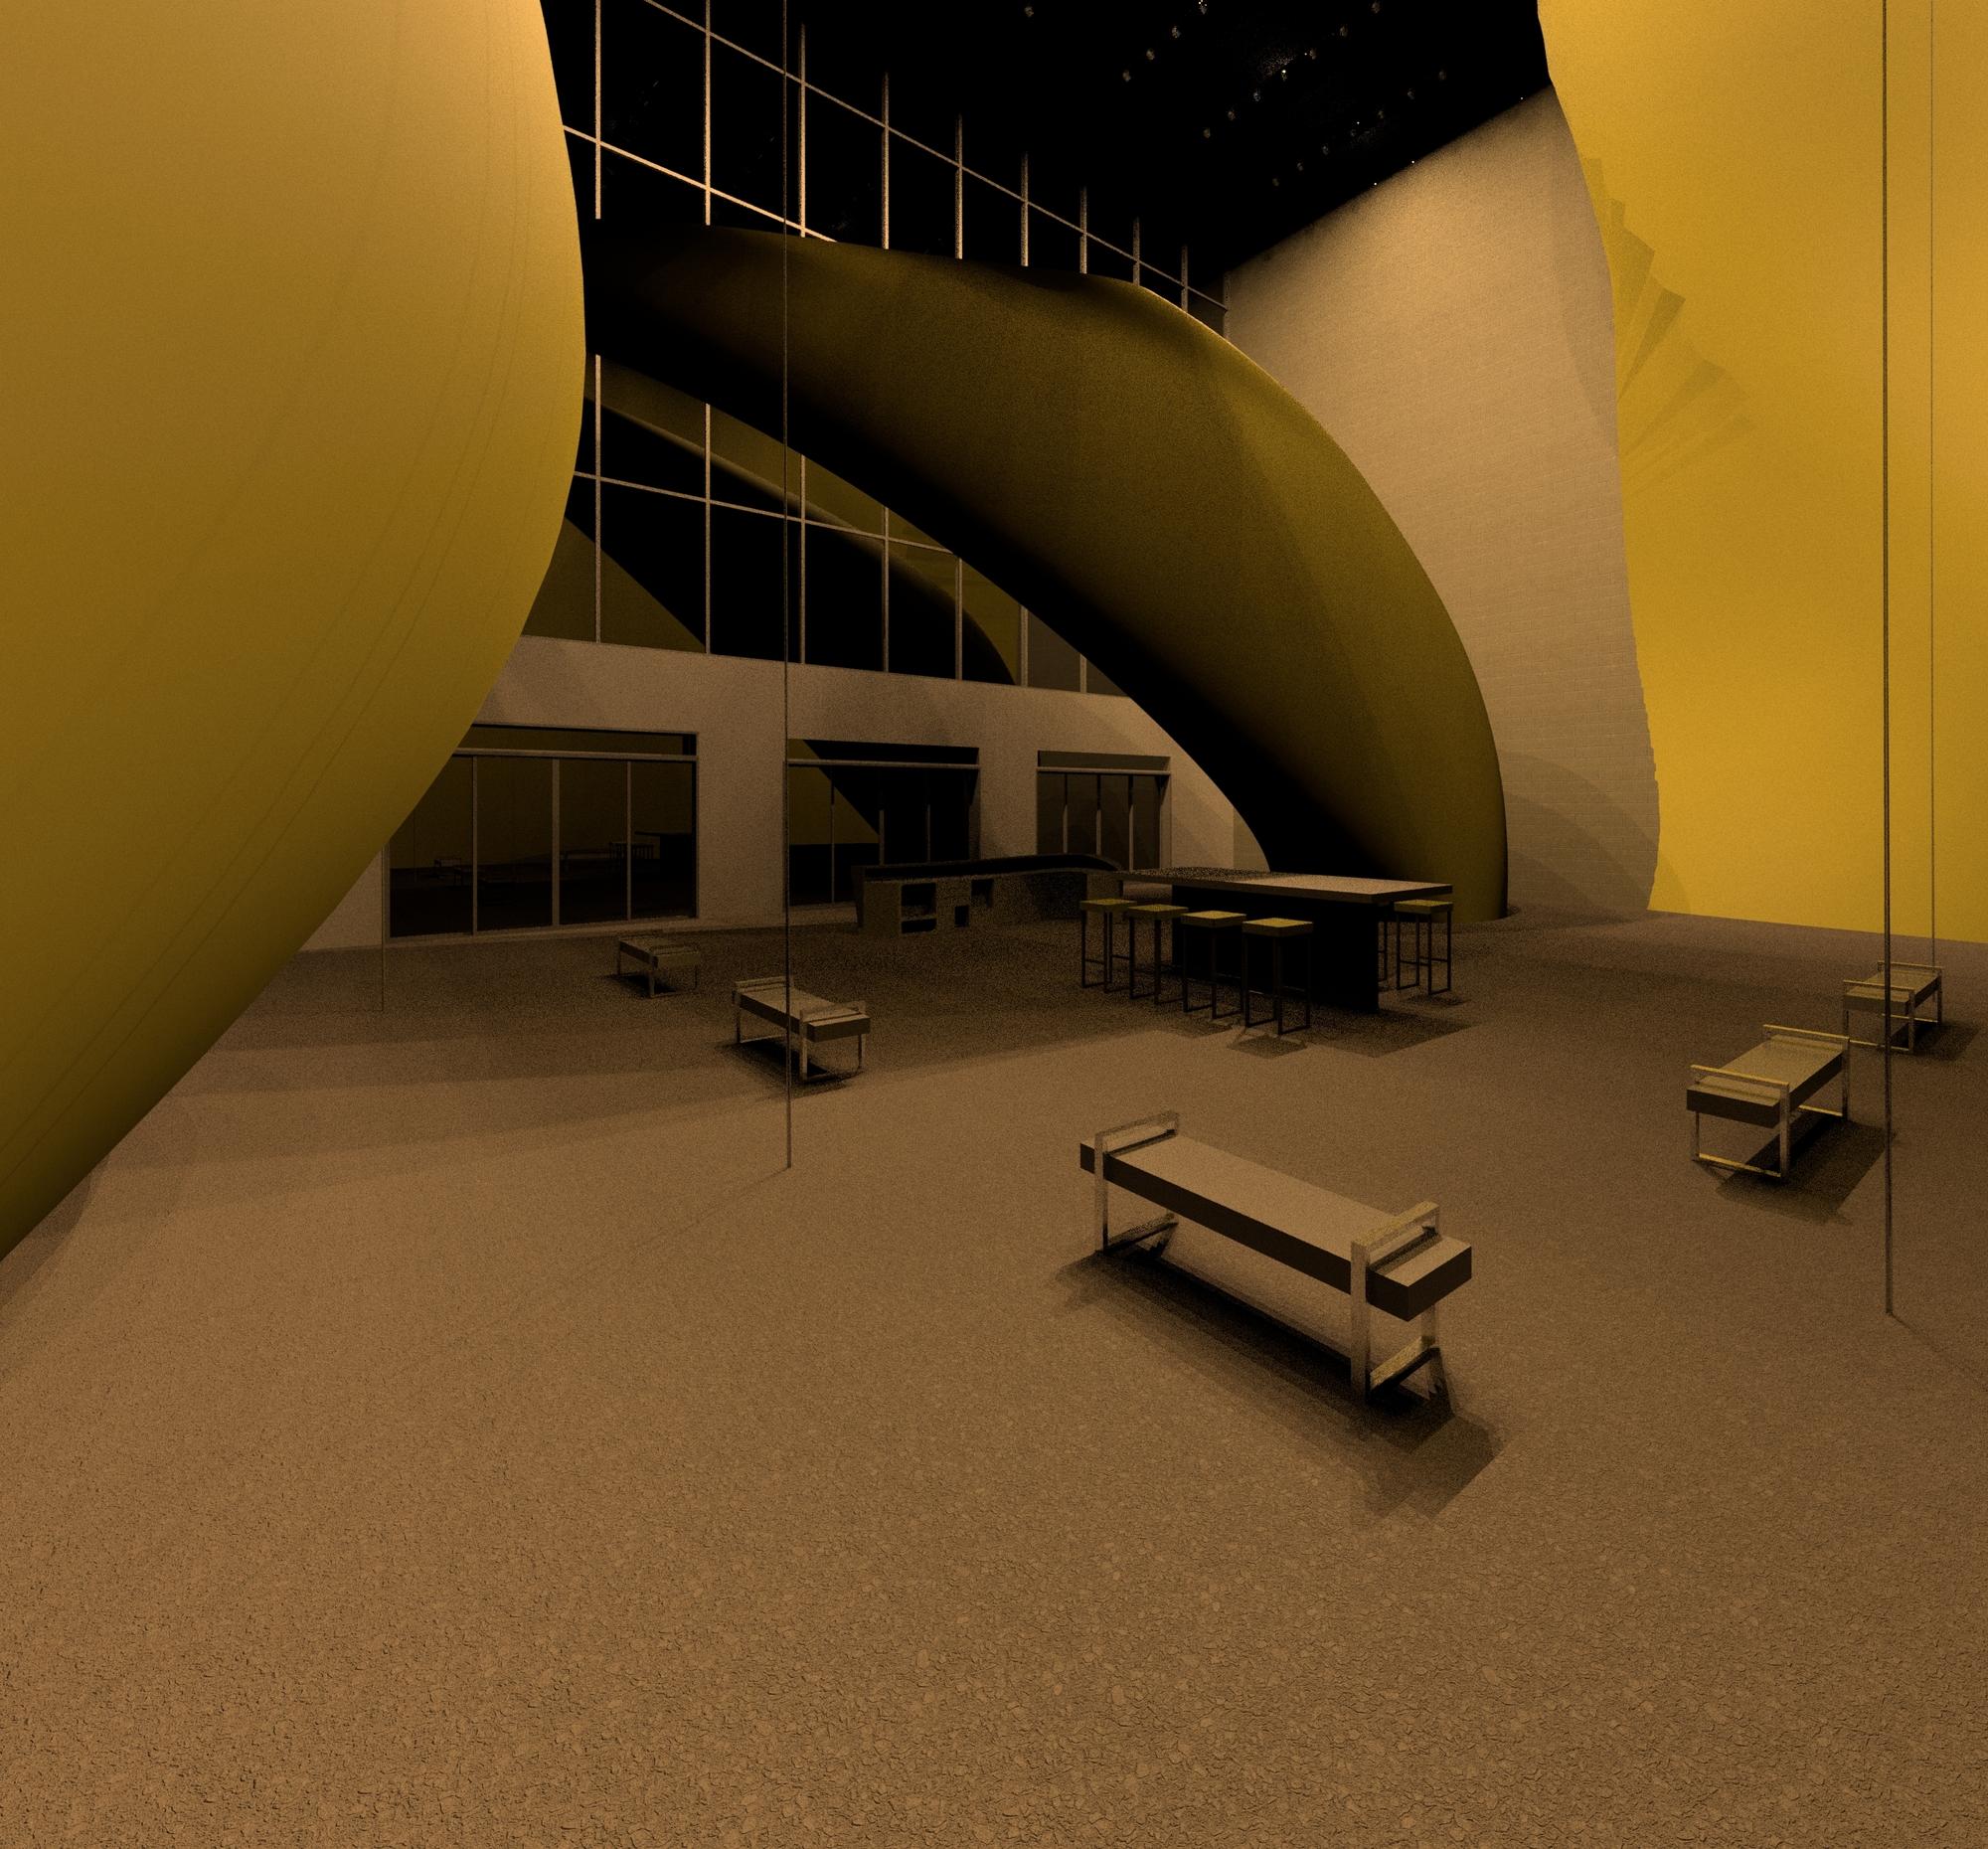 Raas-rendering20150407-8188-1klvx9c